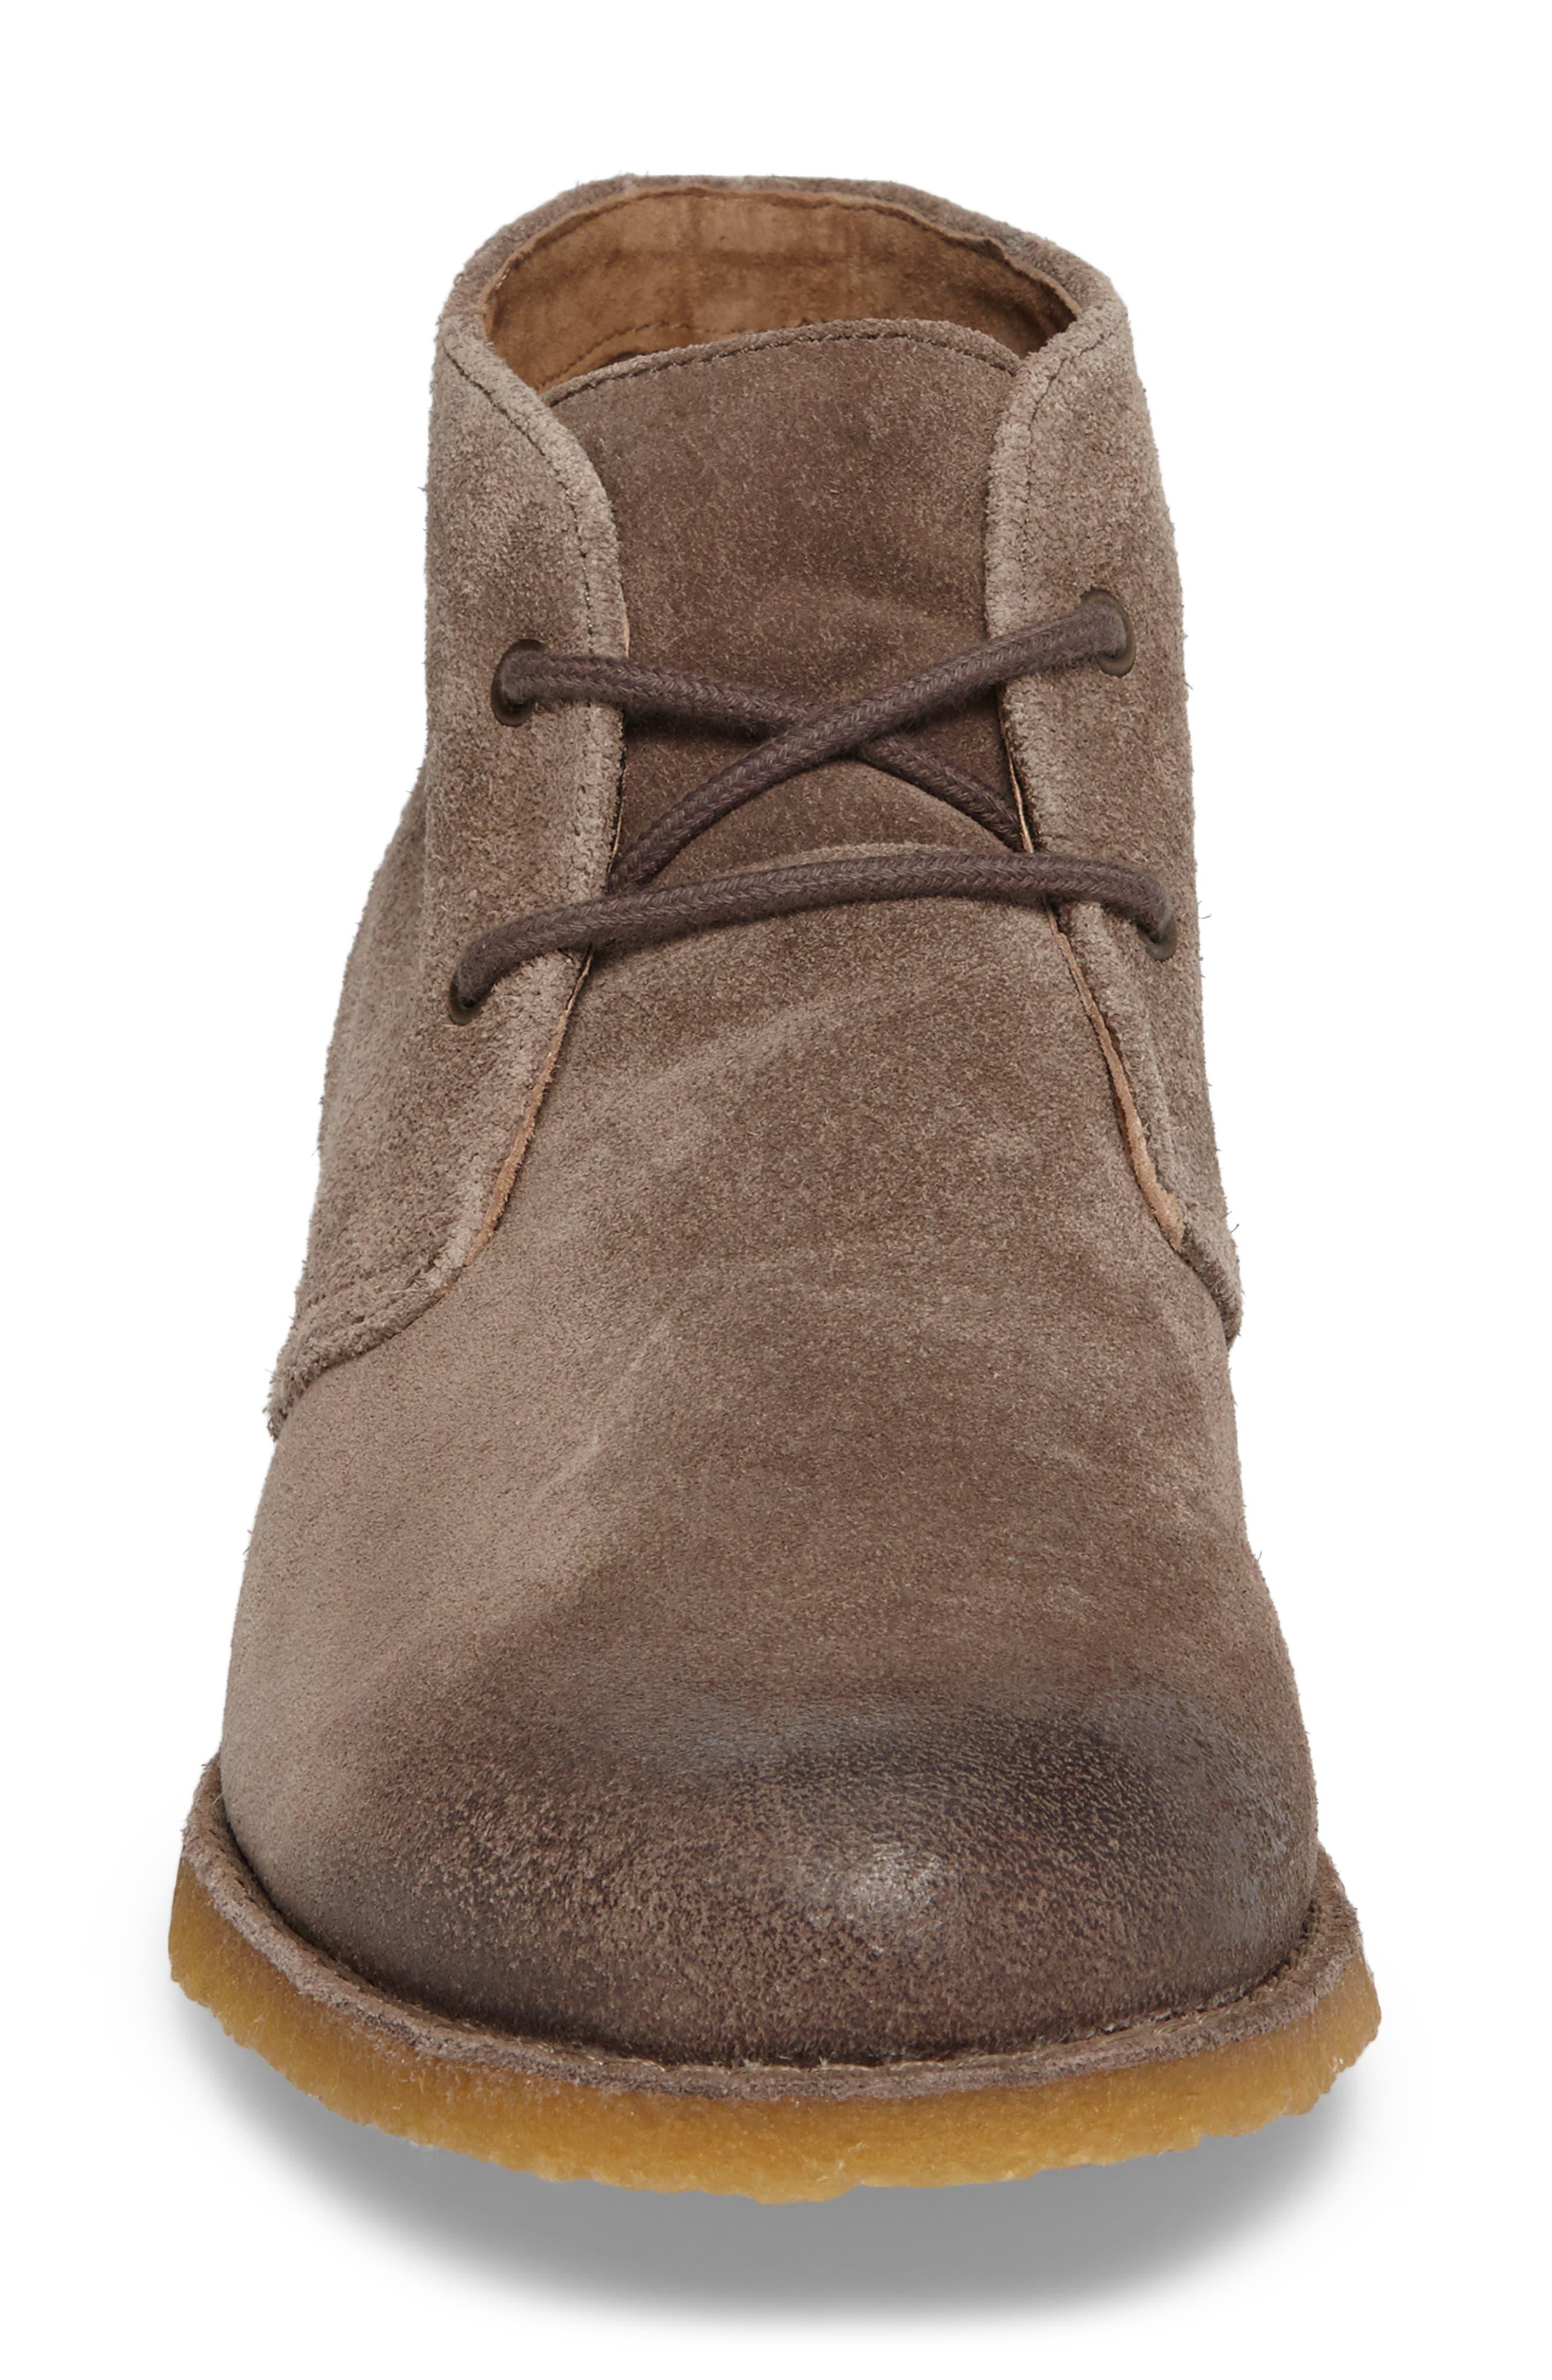 Leighton Chukka Waterproof Boot,                             Alternate thumbnail 4, color,                             023